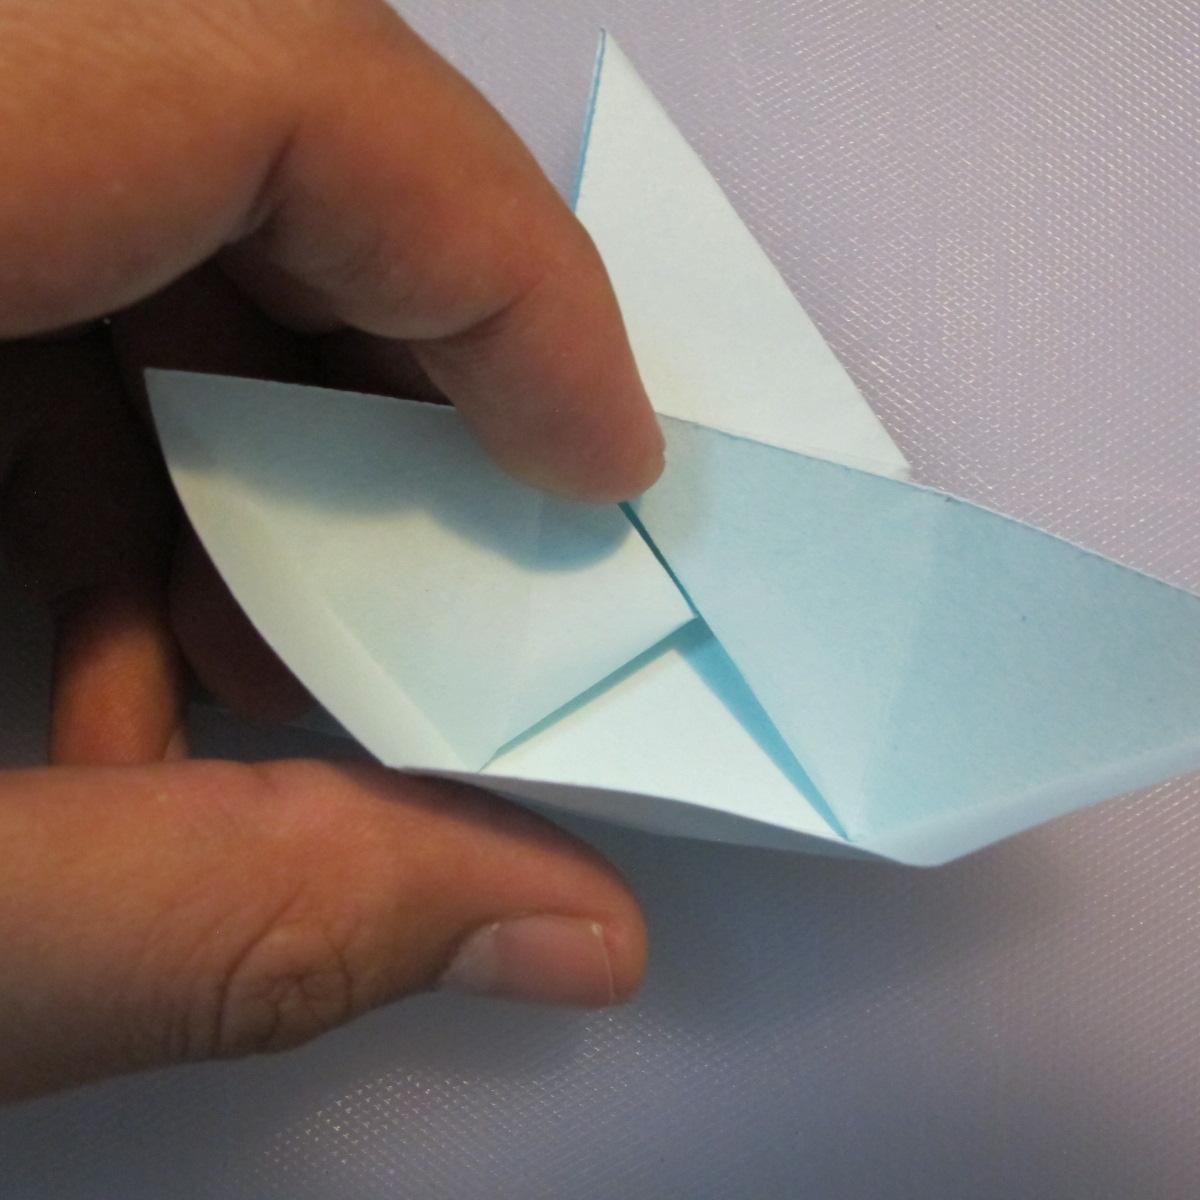 การพับกระดาษรูปดาวกระจาย (Star Origami – スターの折り紙) 013